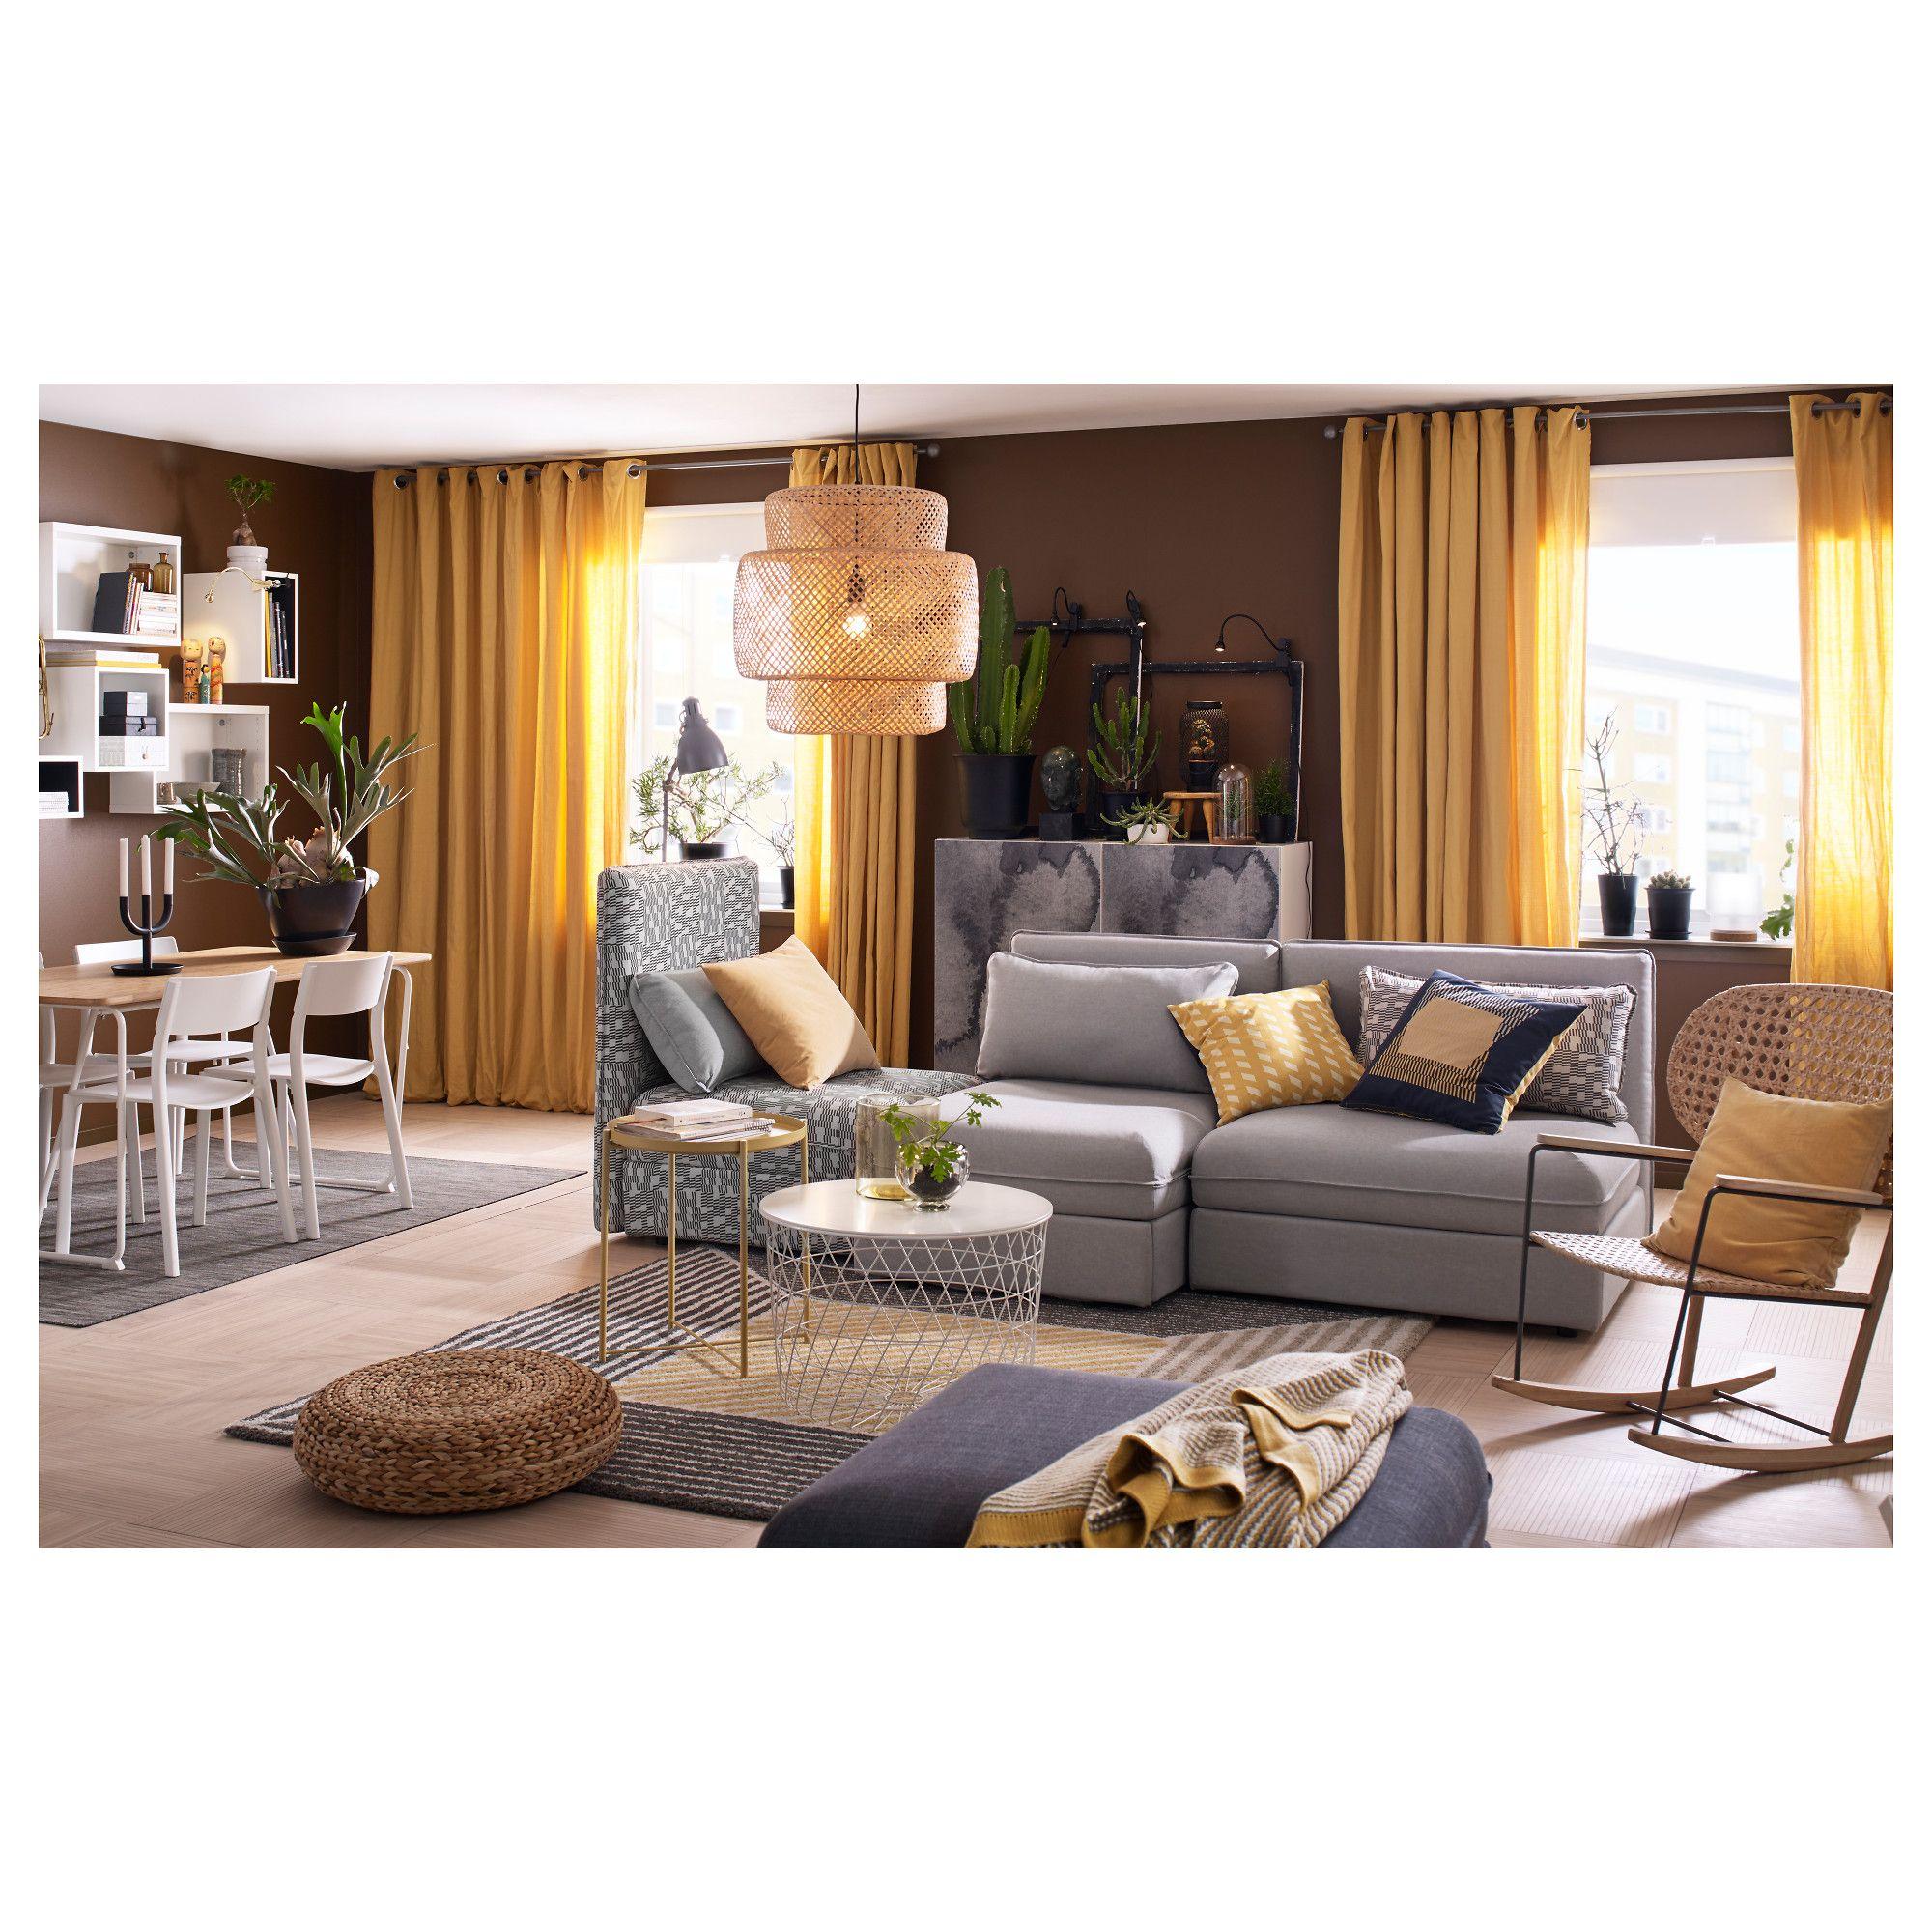 IKEA   ORMHASSEL Throw Yellow, Gray Living Room White, Ikea Living Room,  Living